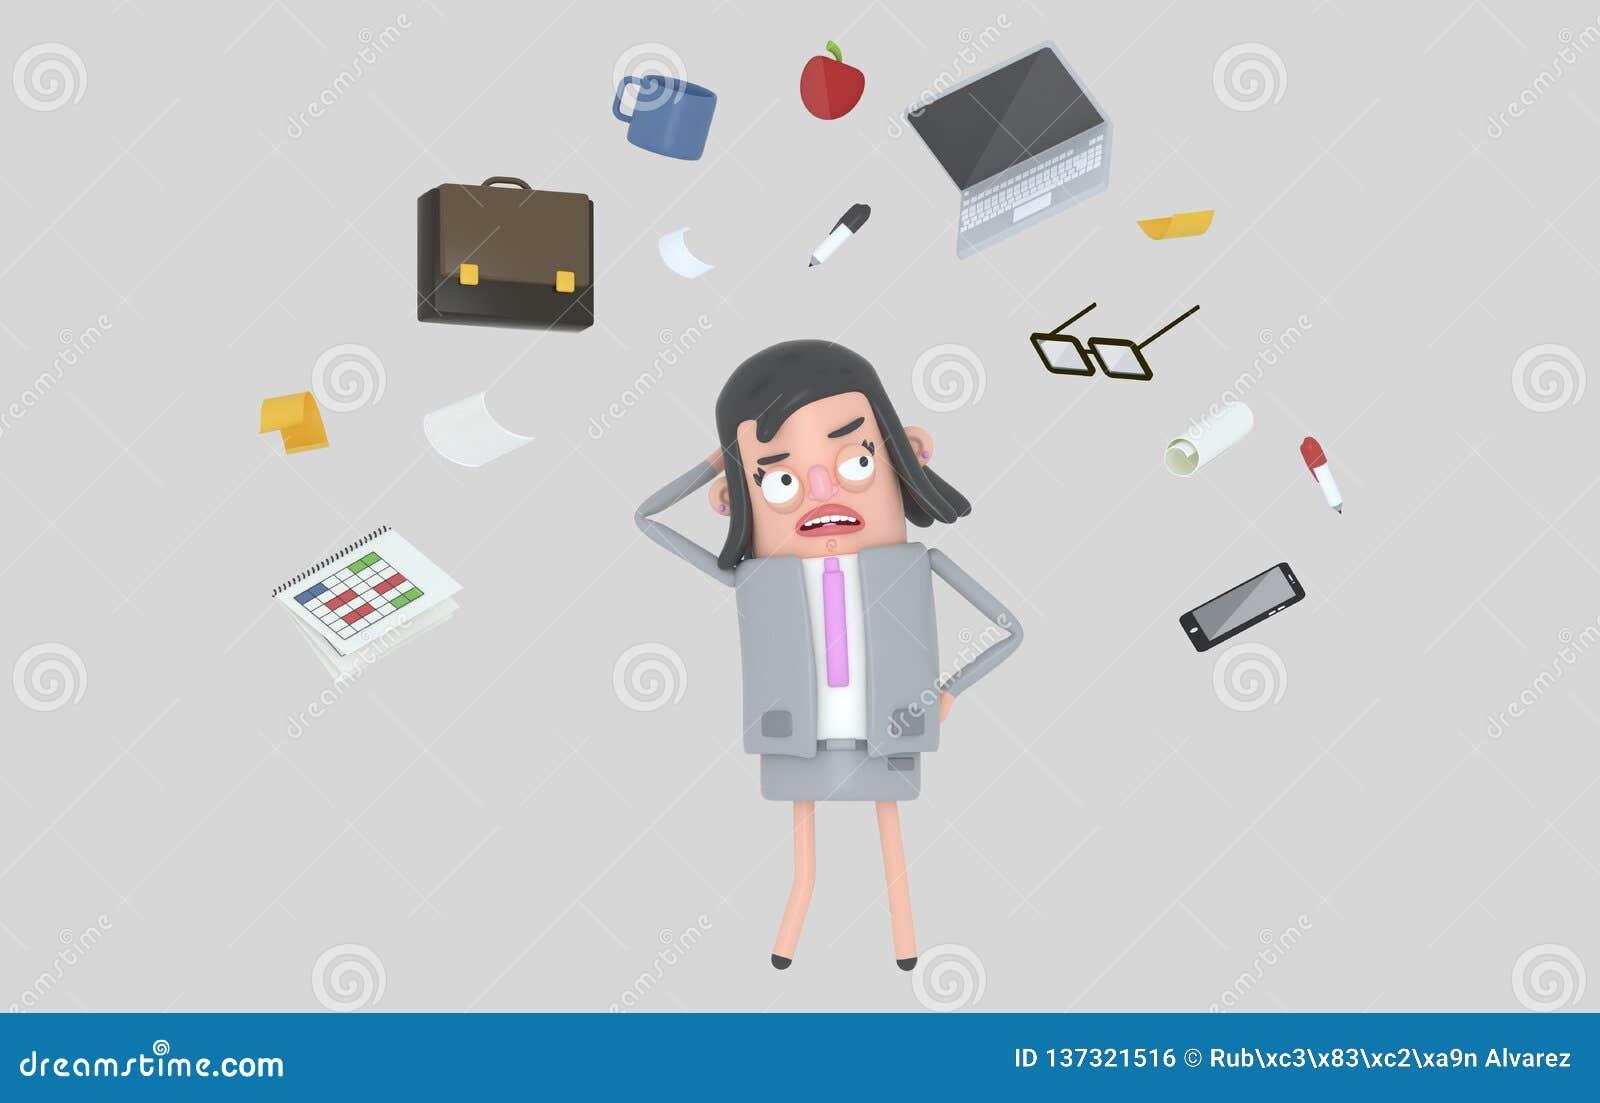 Bizneswoman stresuje się patrzejący biurowych akcesoria odosobniony